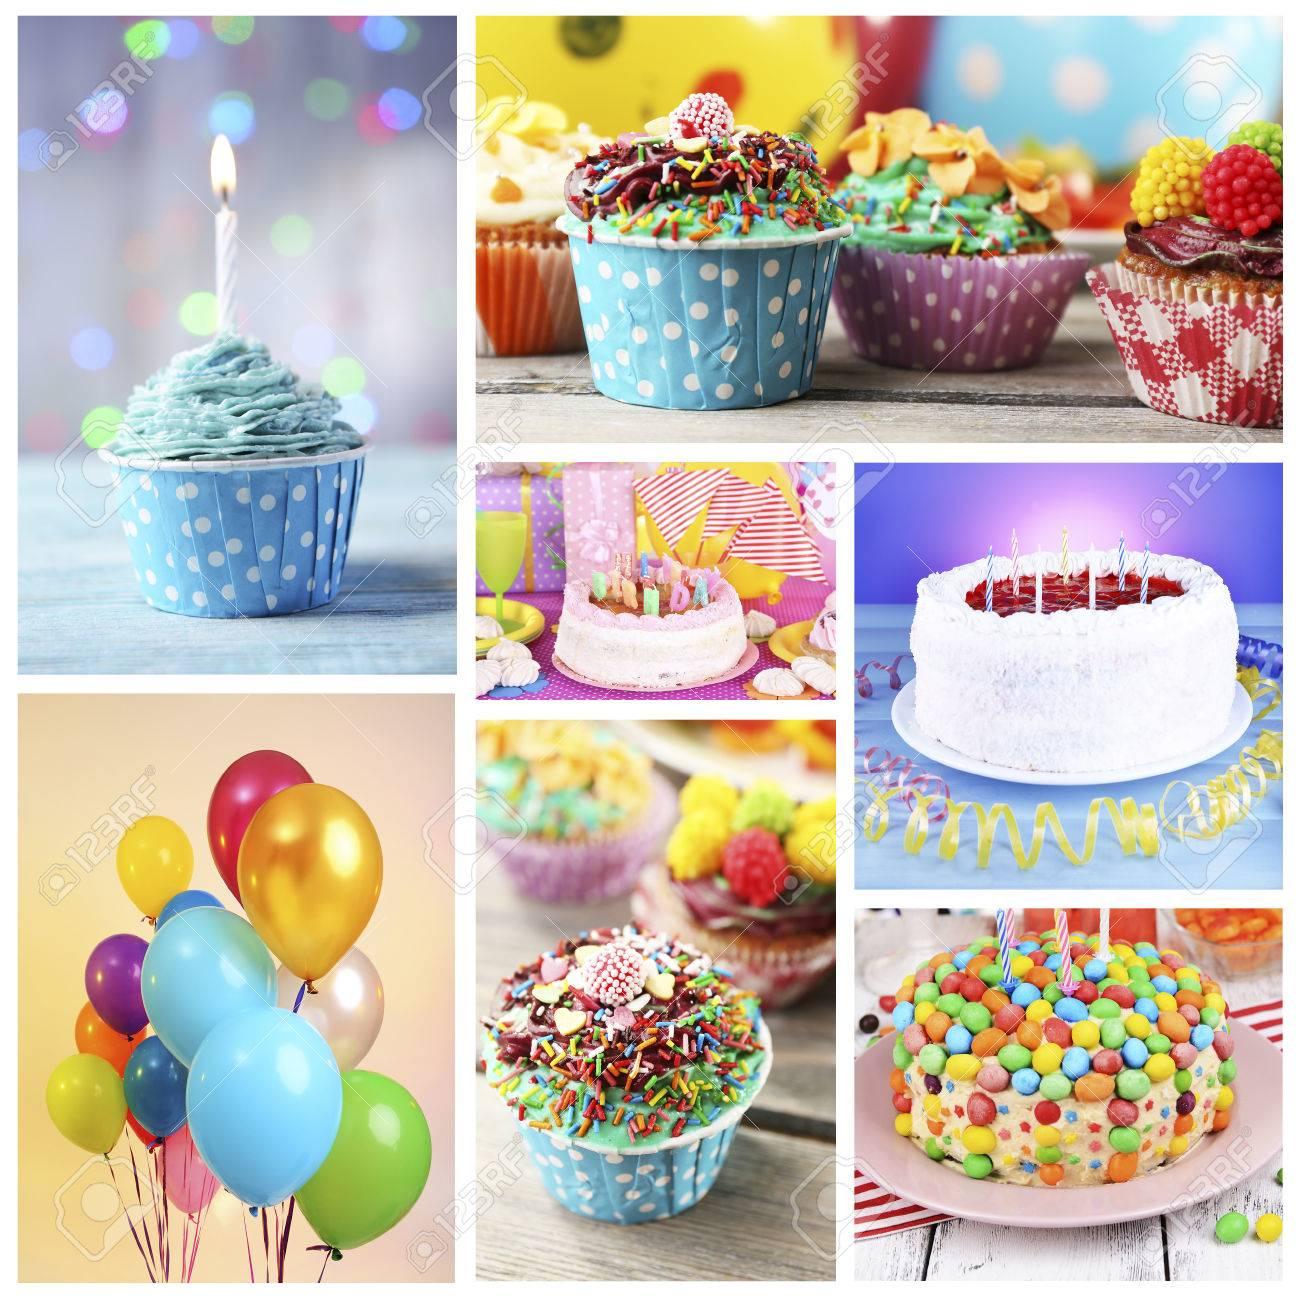 Happy Birthday Collage Stock Photo